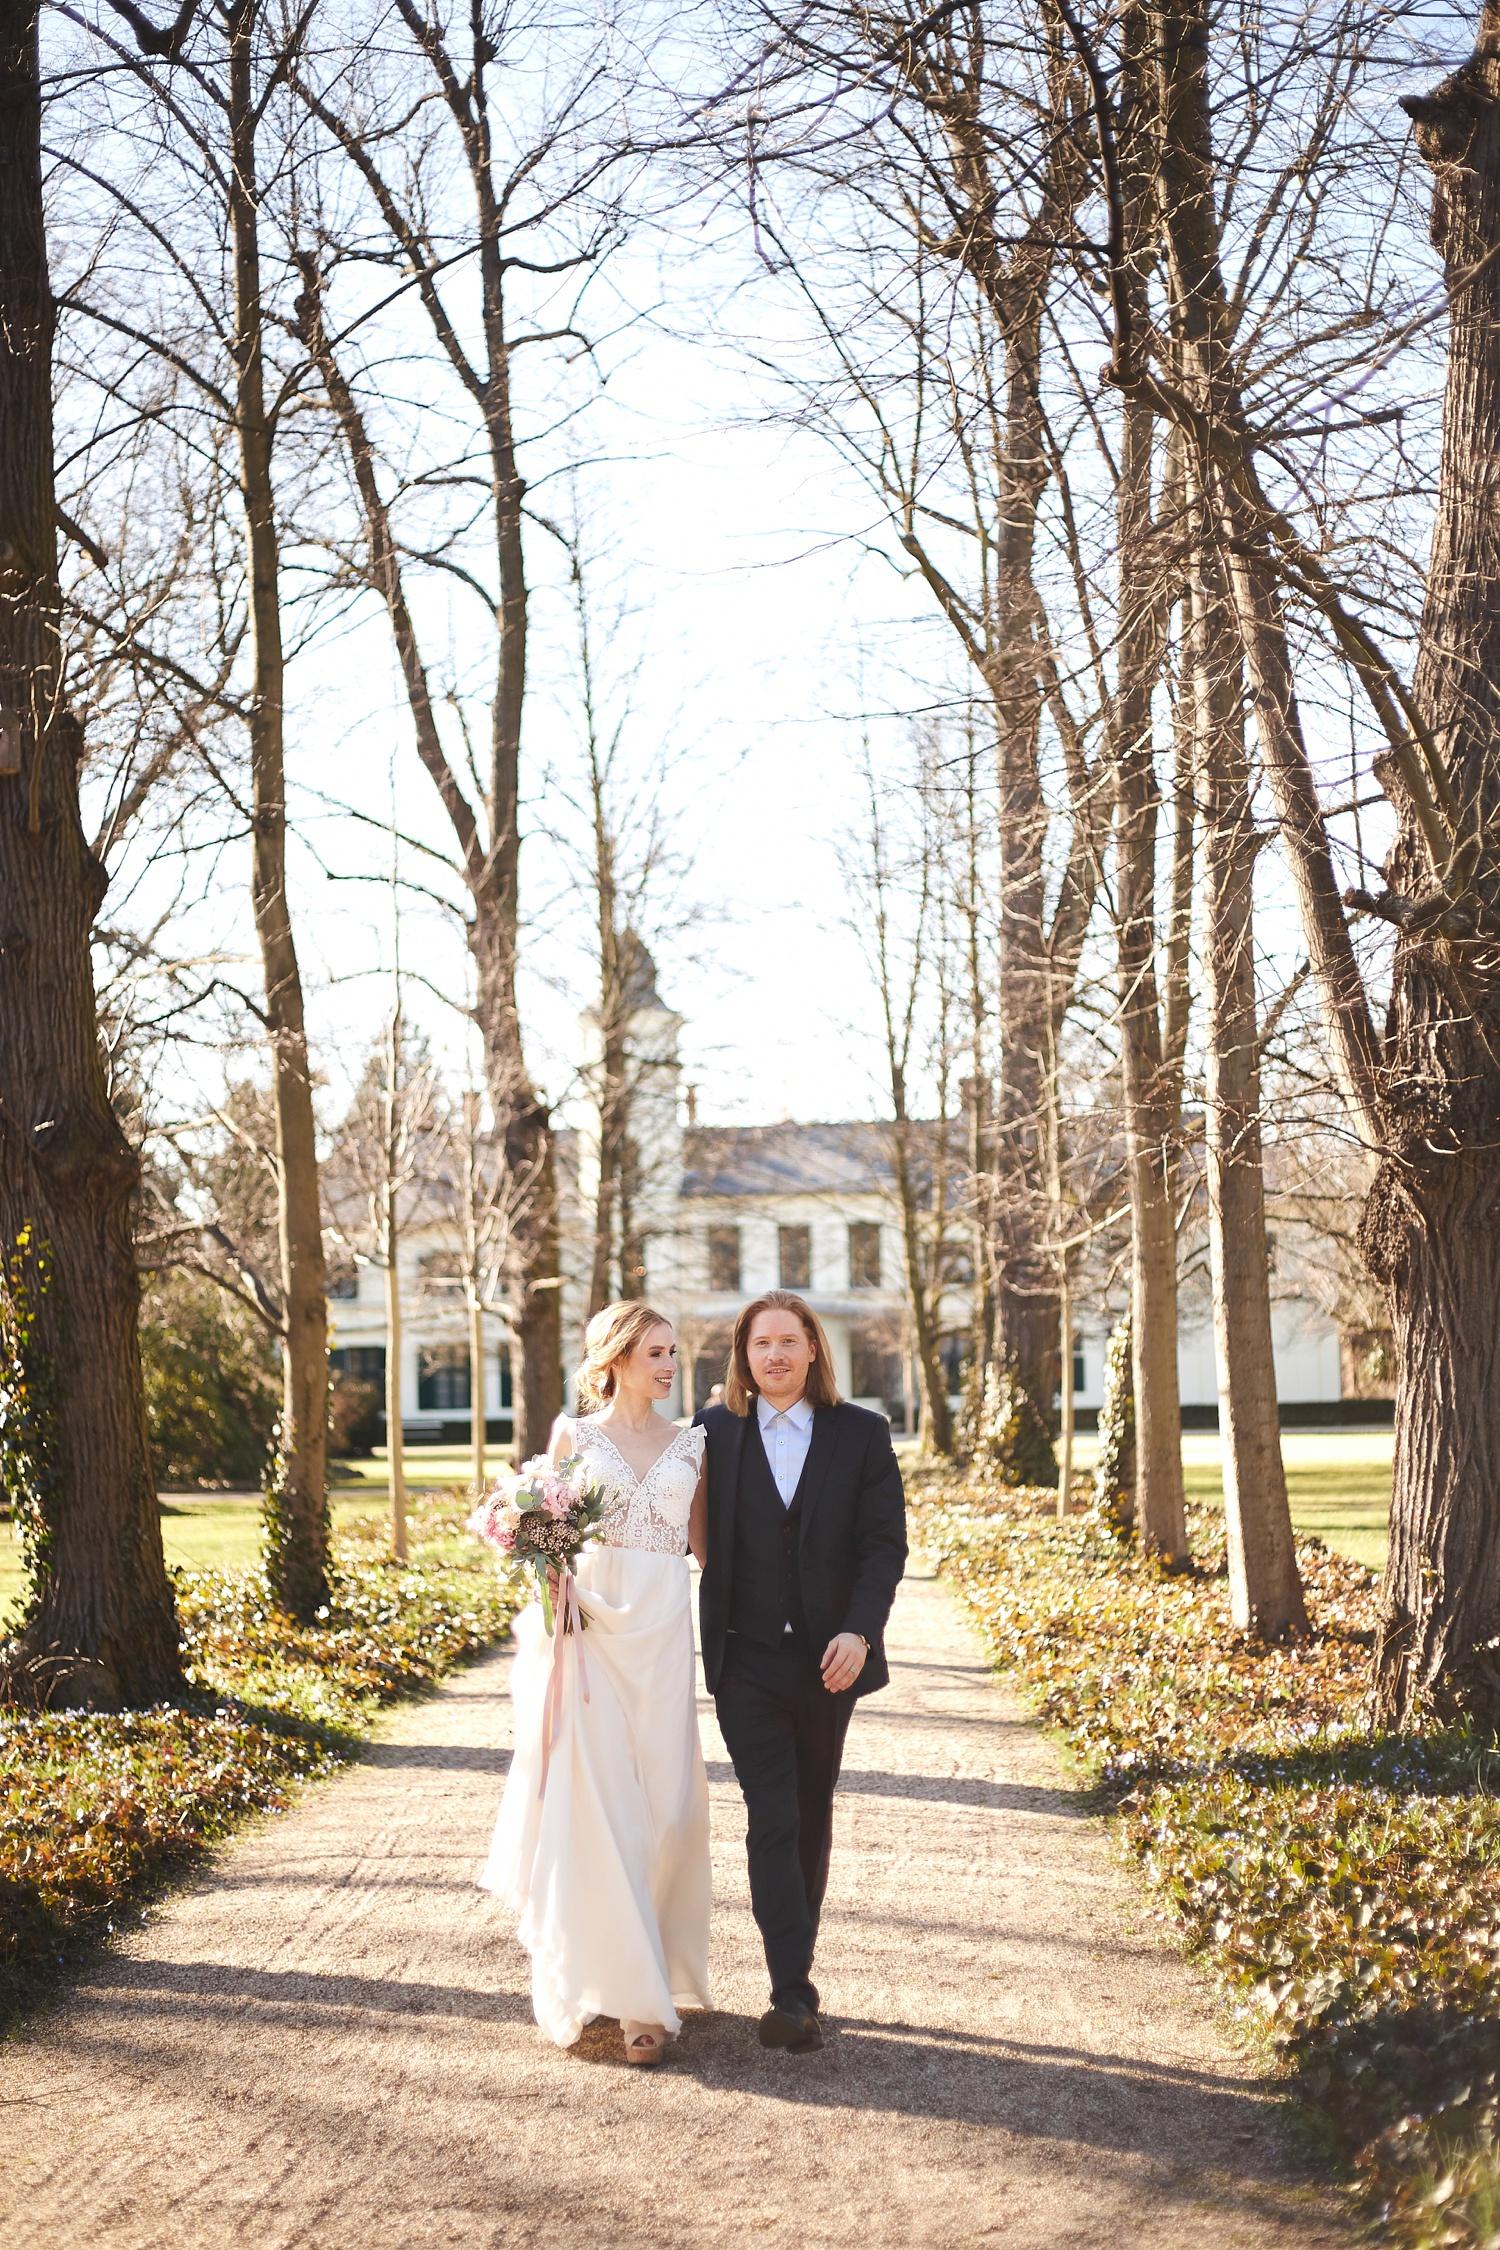 Stefanie Lange Hochzeitsfotografie: Styled Shoot Hochzeit im Gutshof Schloss Britz Berlin 2018